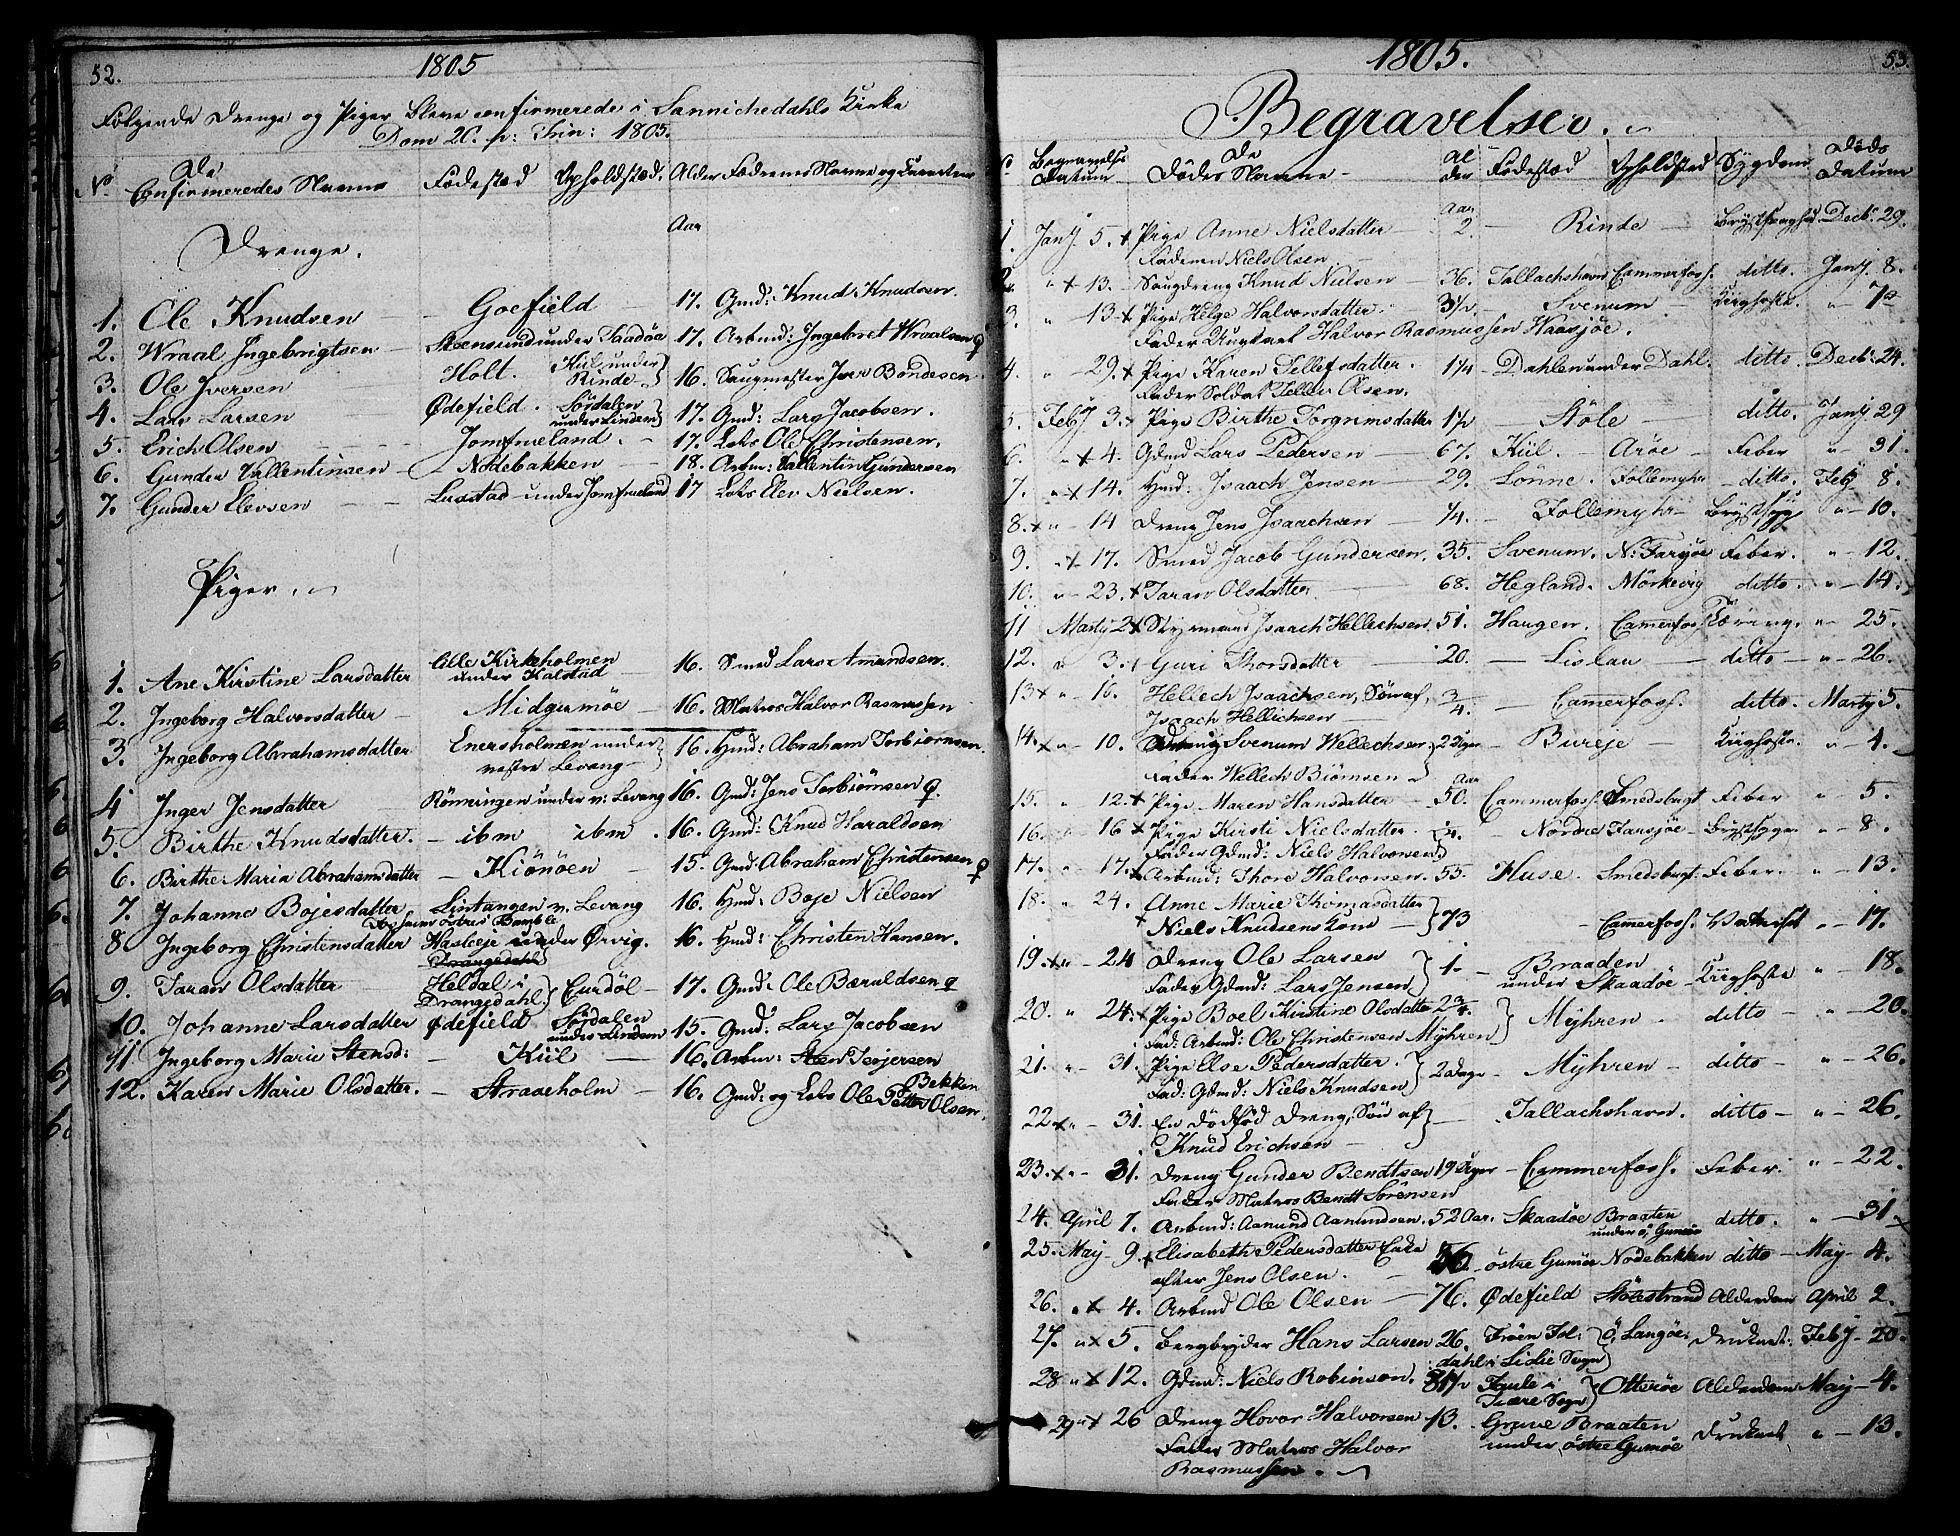 SAKO, Sannidal kirkebøker, F/Fa/L0003: Ministerialbok nr. 3, 1803-1813, s. 52-53